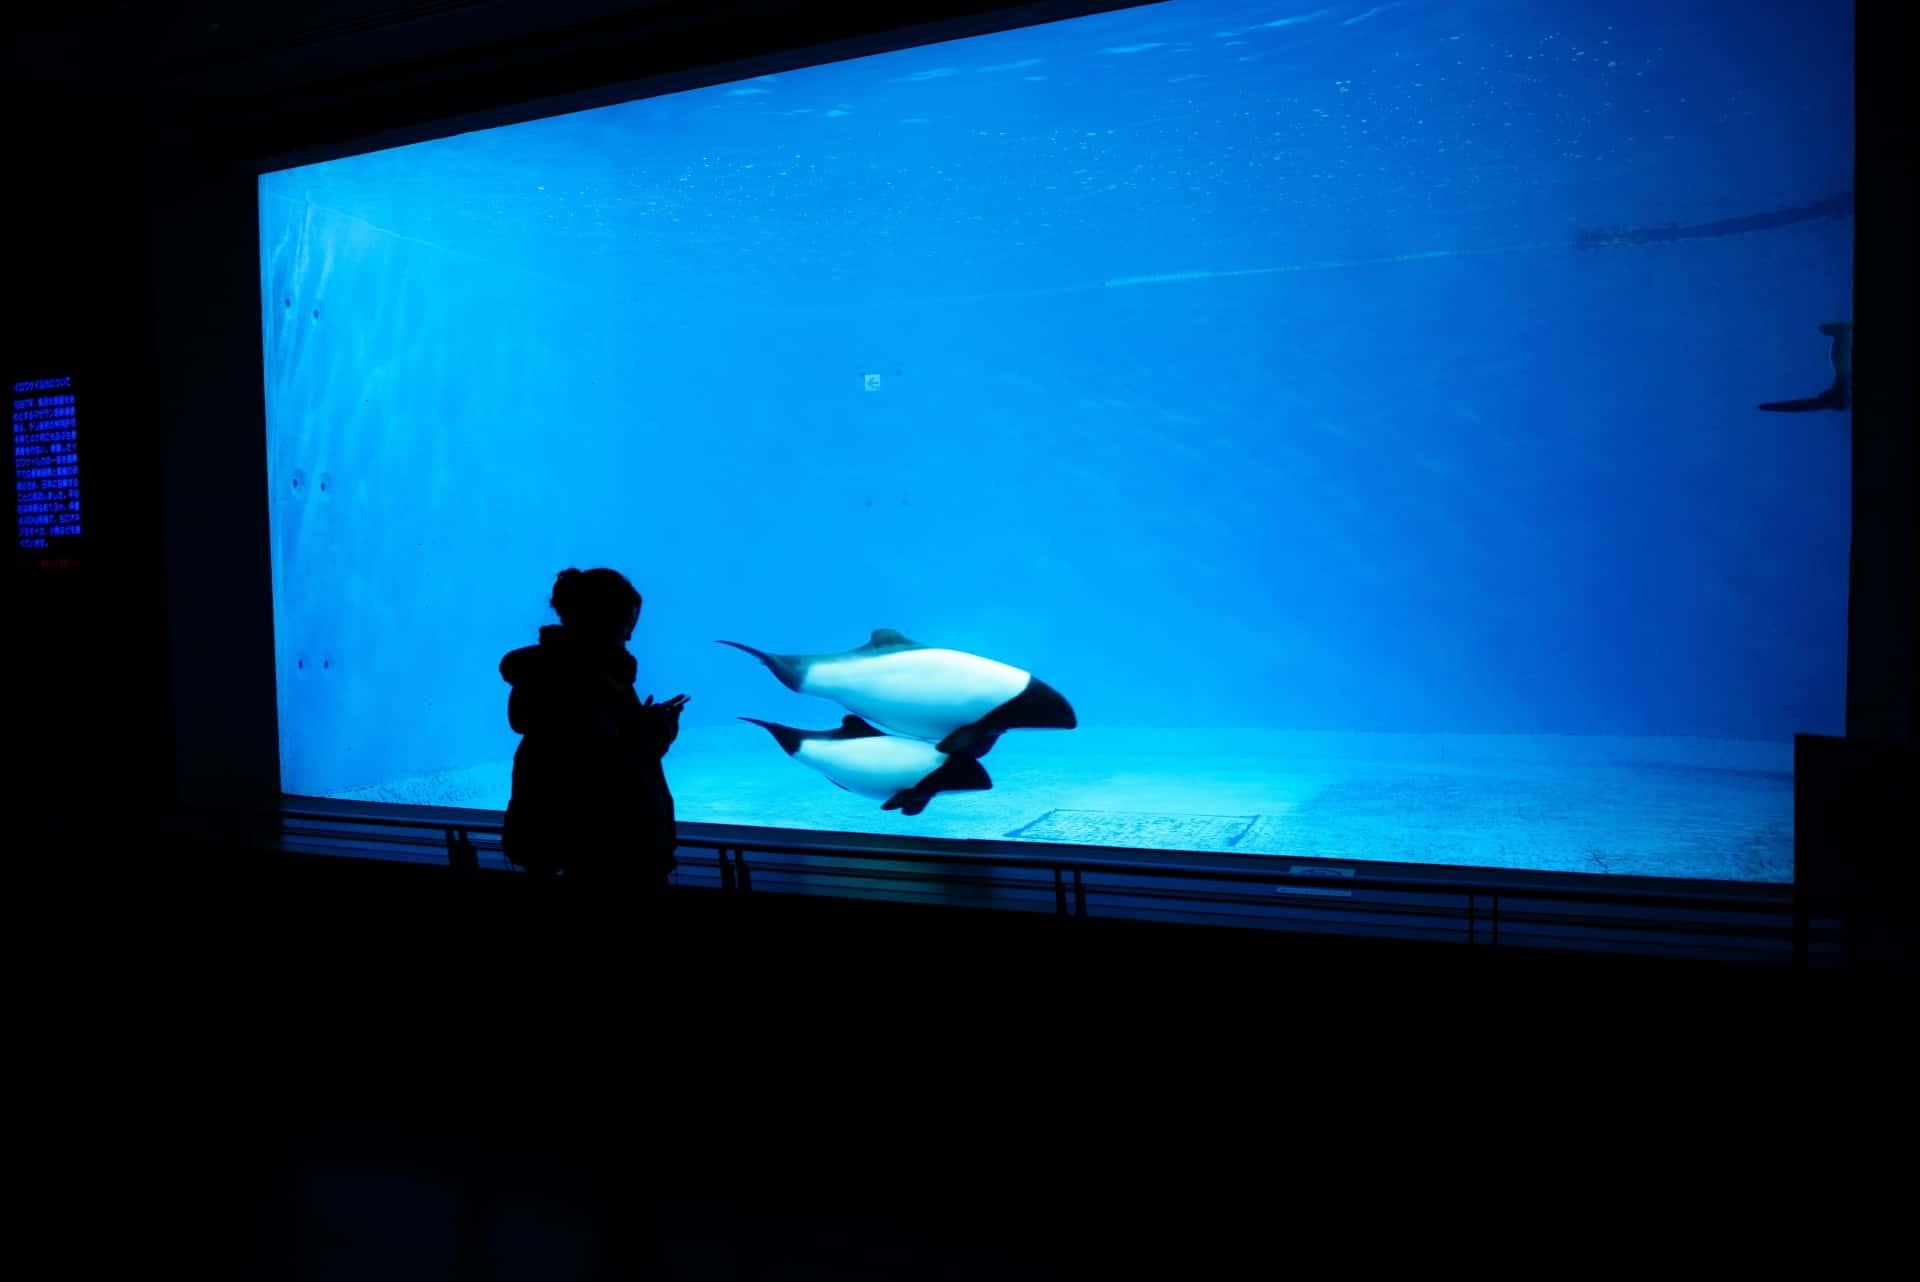 ที่เที่ยว มิเอะ (Mie) : พิพิธภัณฑ์สัตว์น้ำโทบะ (Toba Aquarium)